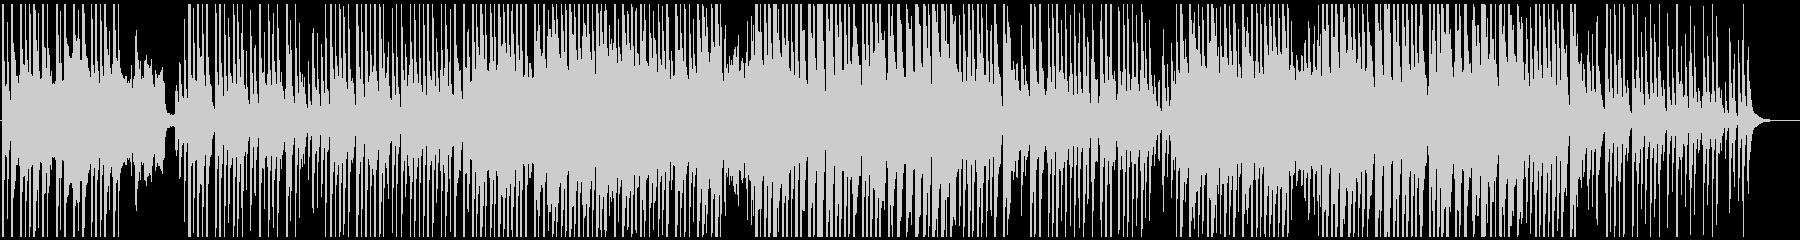 和風沖縄民謡風 三線でどこか懐かしいの未再生の波形